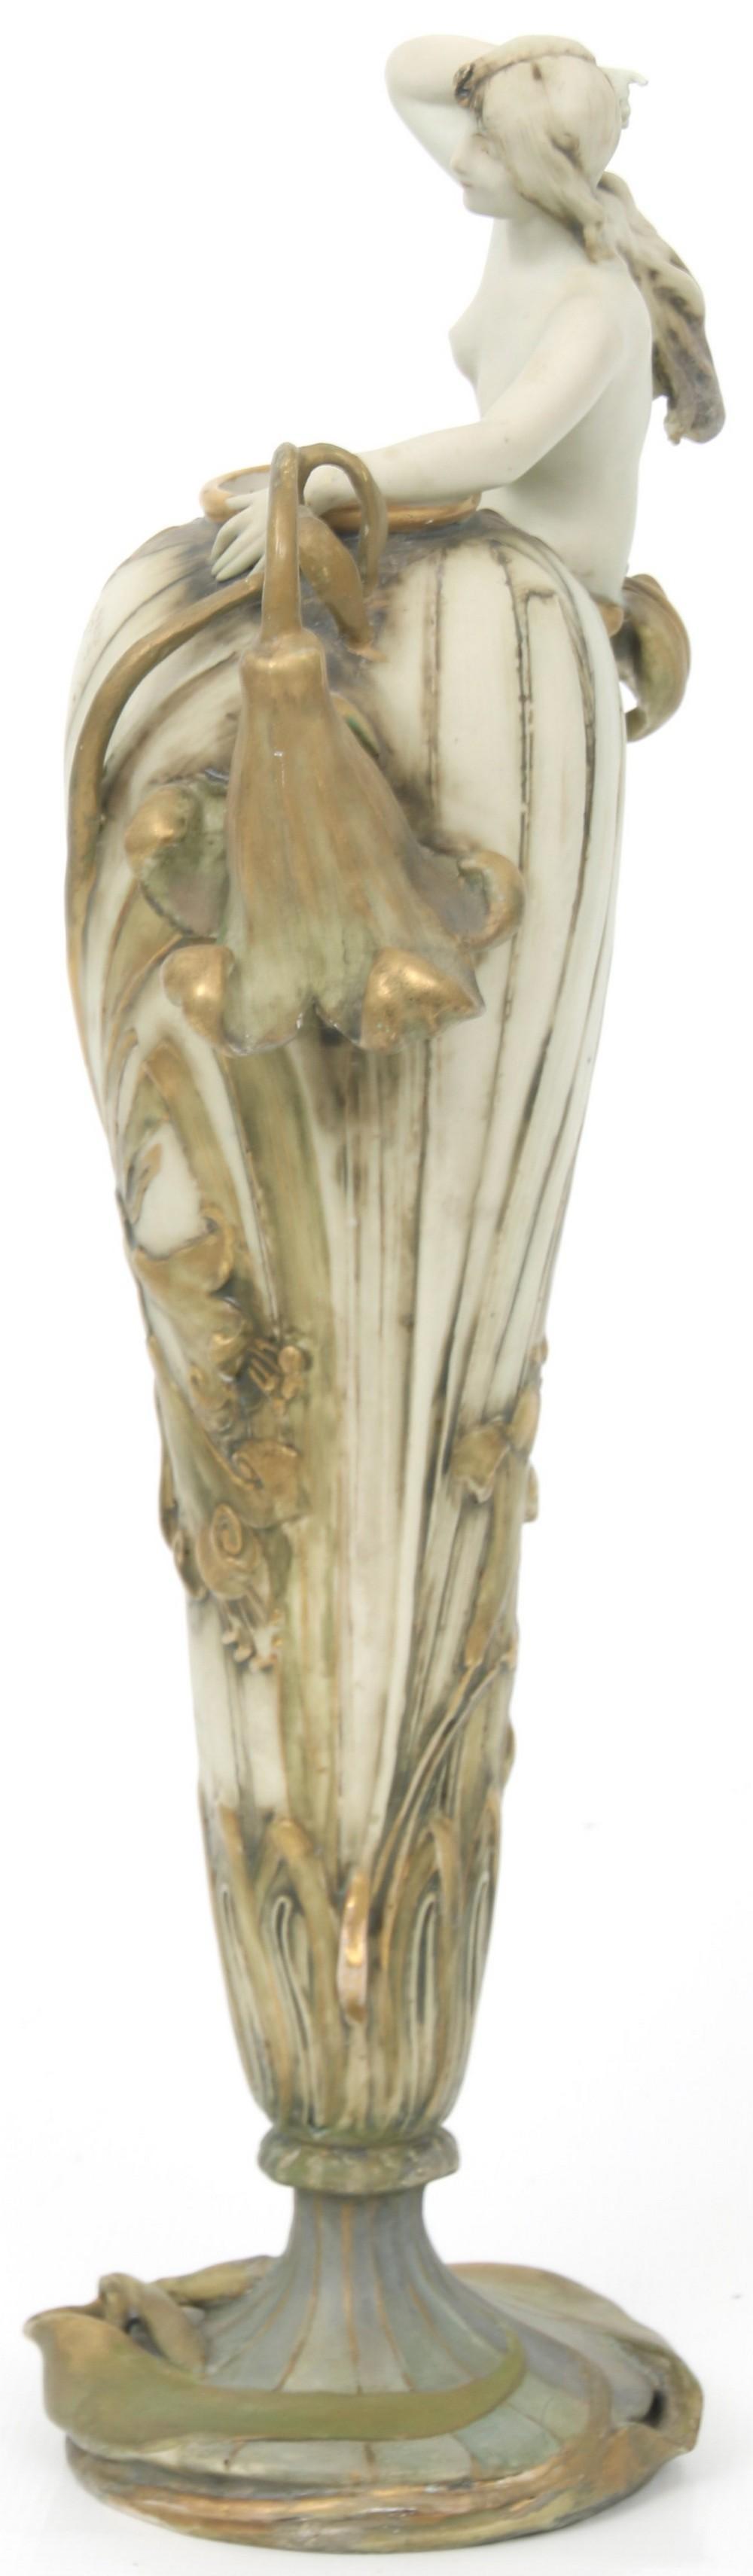 Riessner, Stellmacher & Kessel Amphora Vase